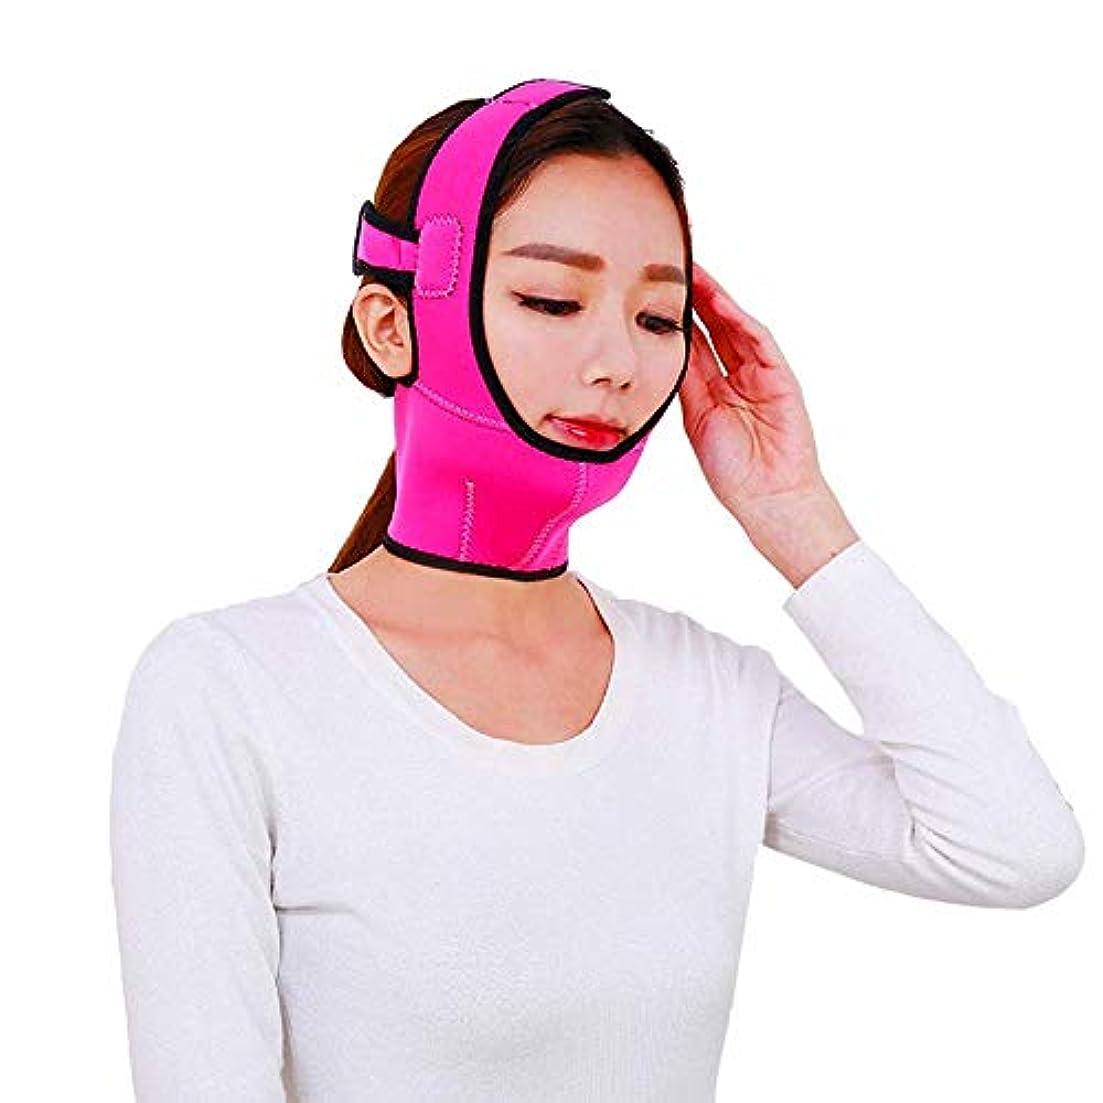 試みる呼吸出くわす二重あごの顔の持ち上がるマスクVfaceの顔の小さい顔の持ち上がる用具をきつく締める通気性の顔の持ち上がる包帯